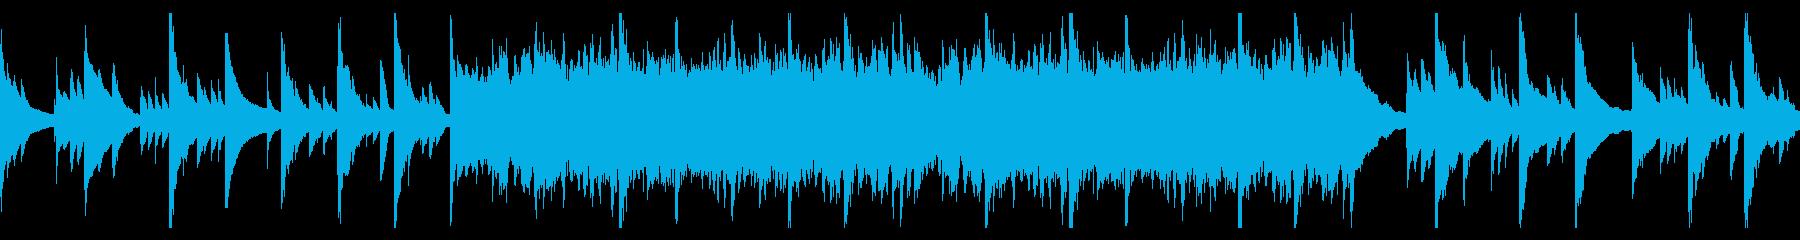 ハープが心地良い癒しのBGM_ループ仕様の再生済みの波形